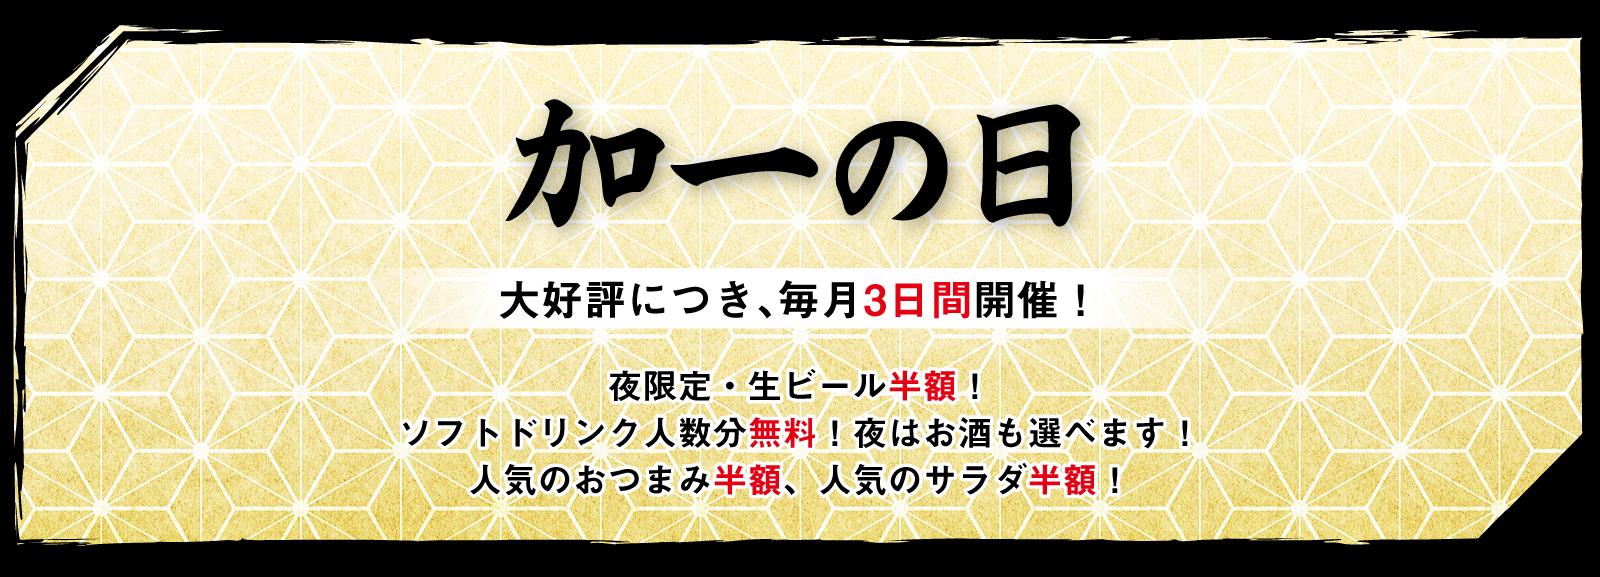 kaichinohi_2